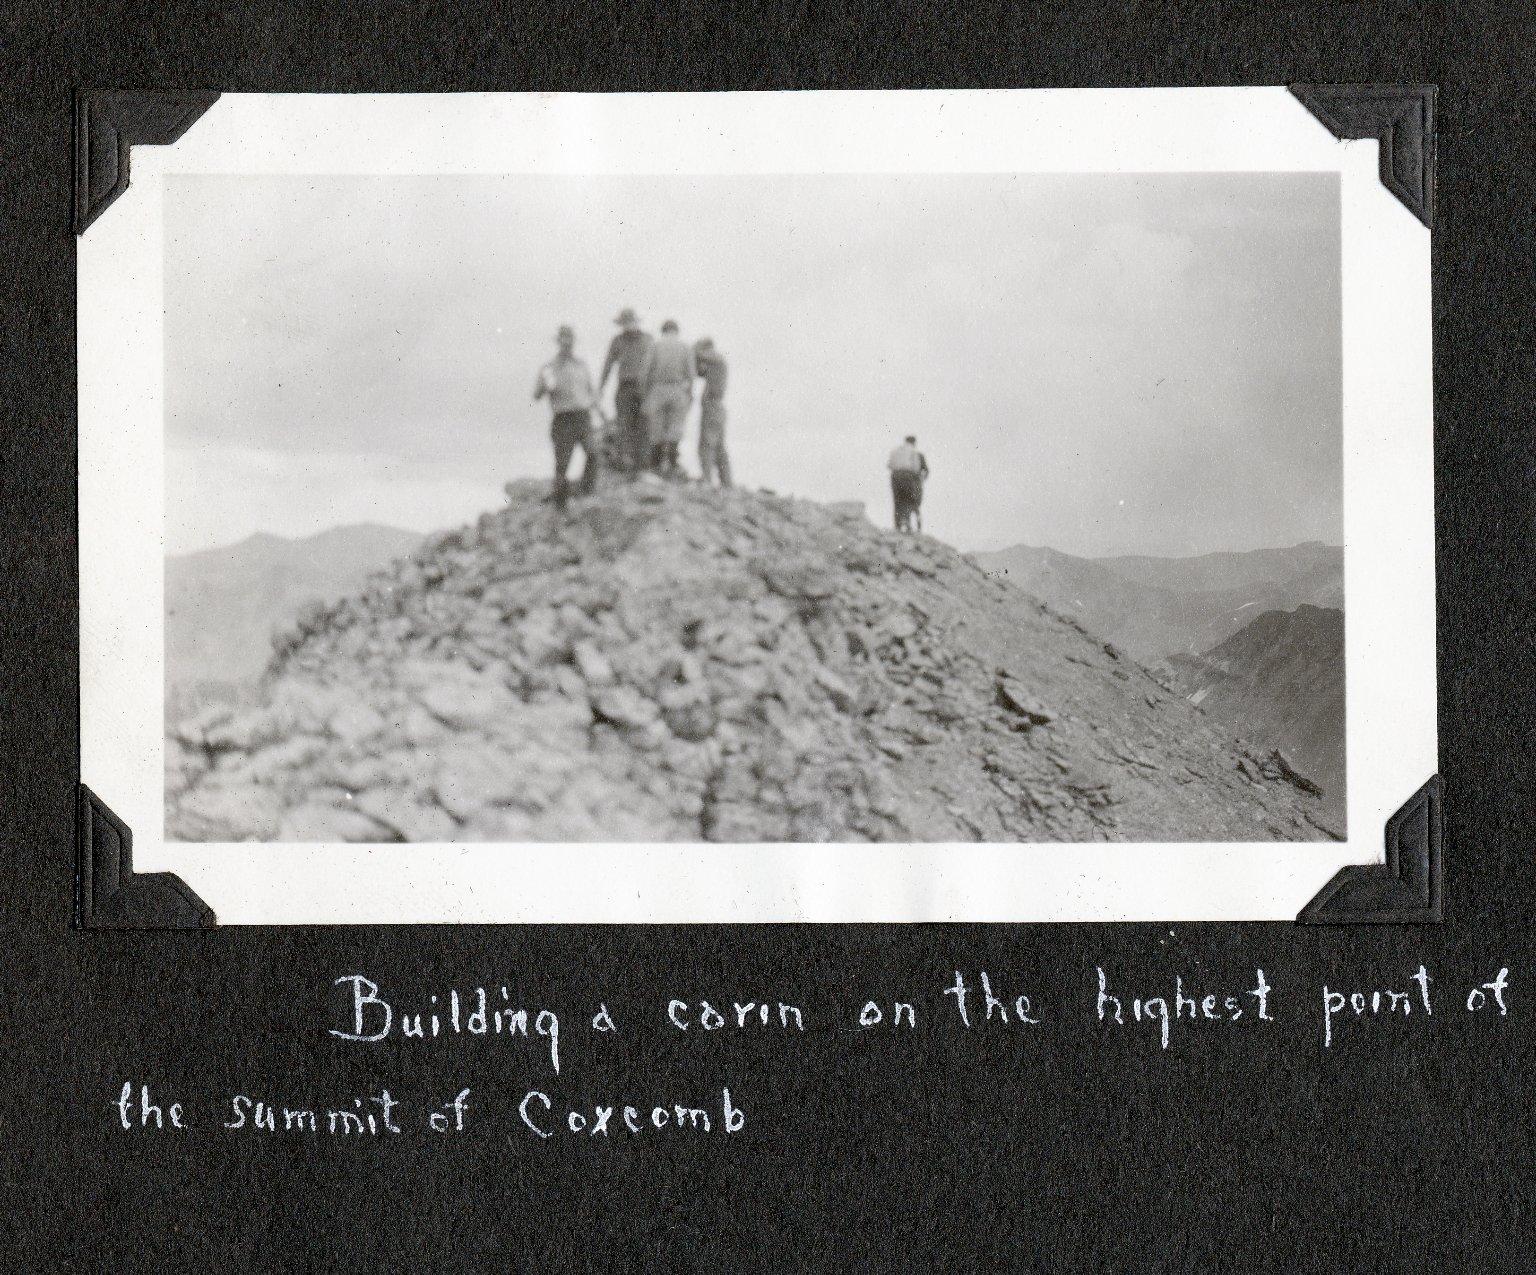 Building a cairn at Coxcomb Peak